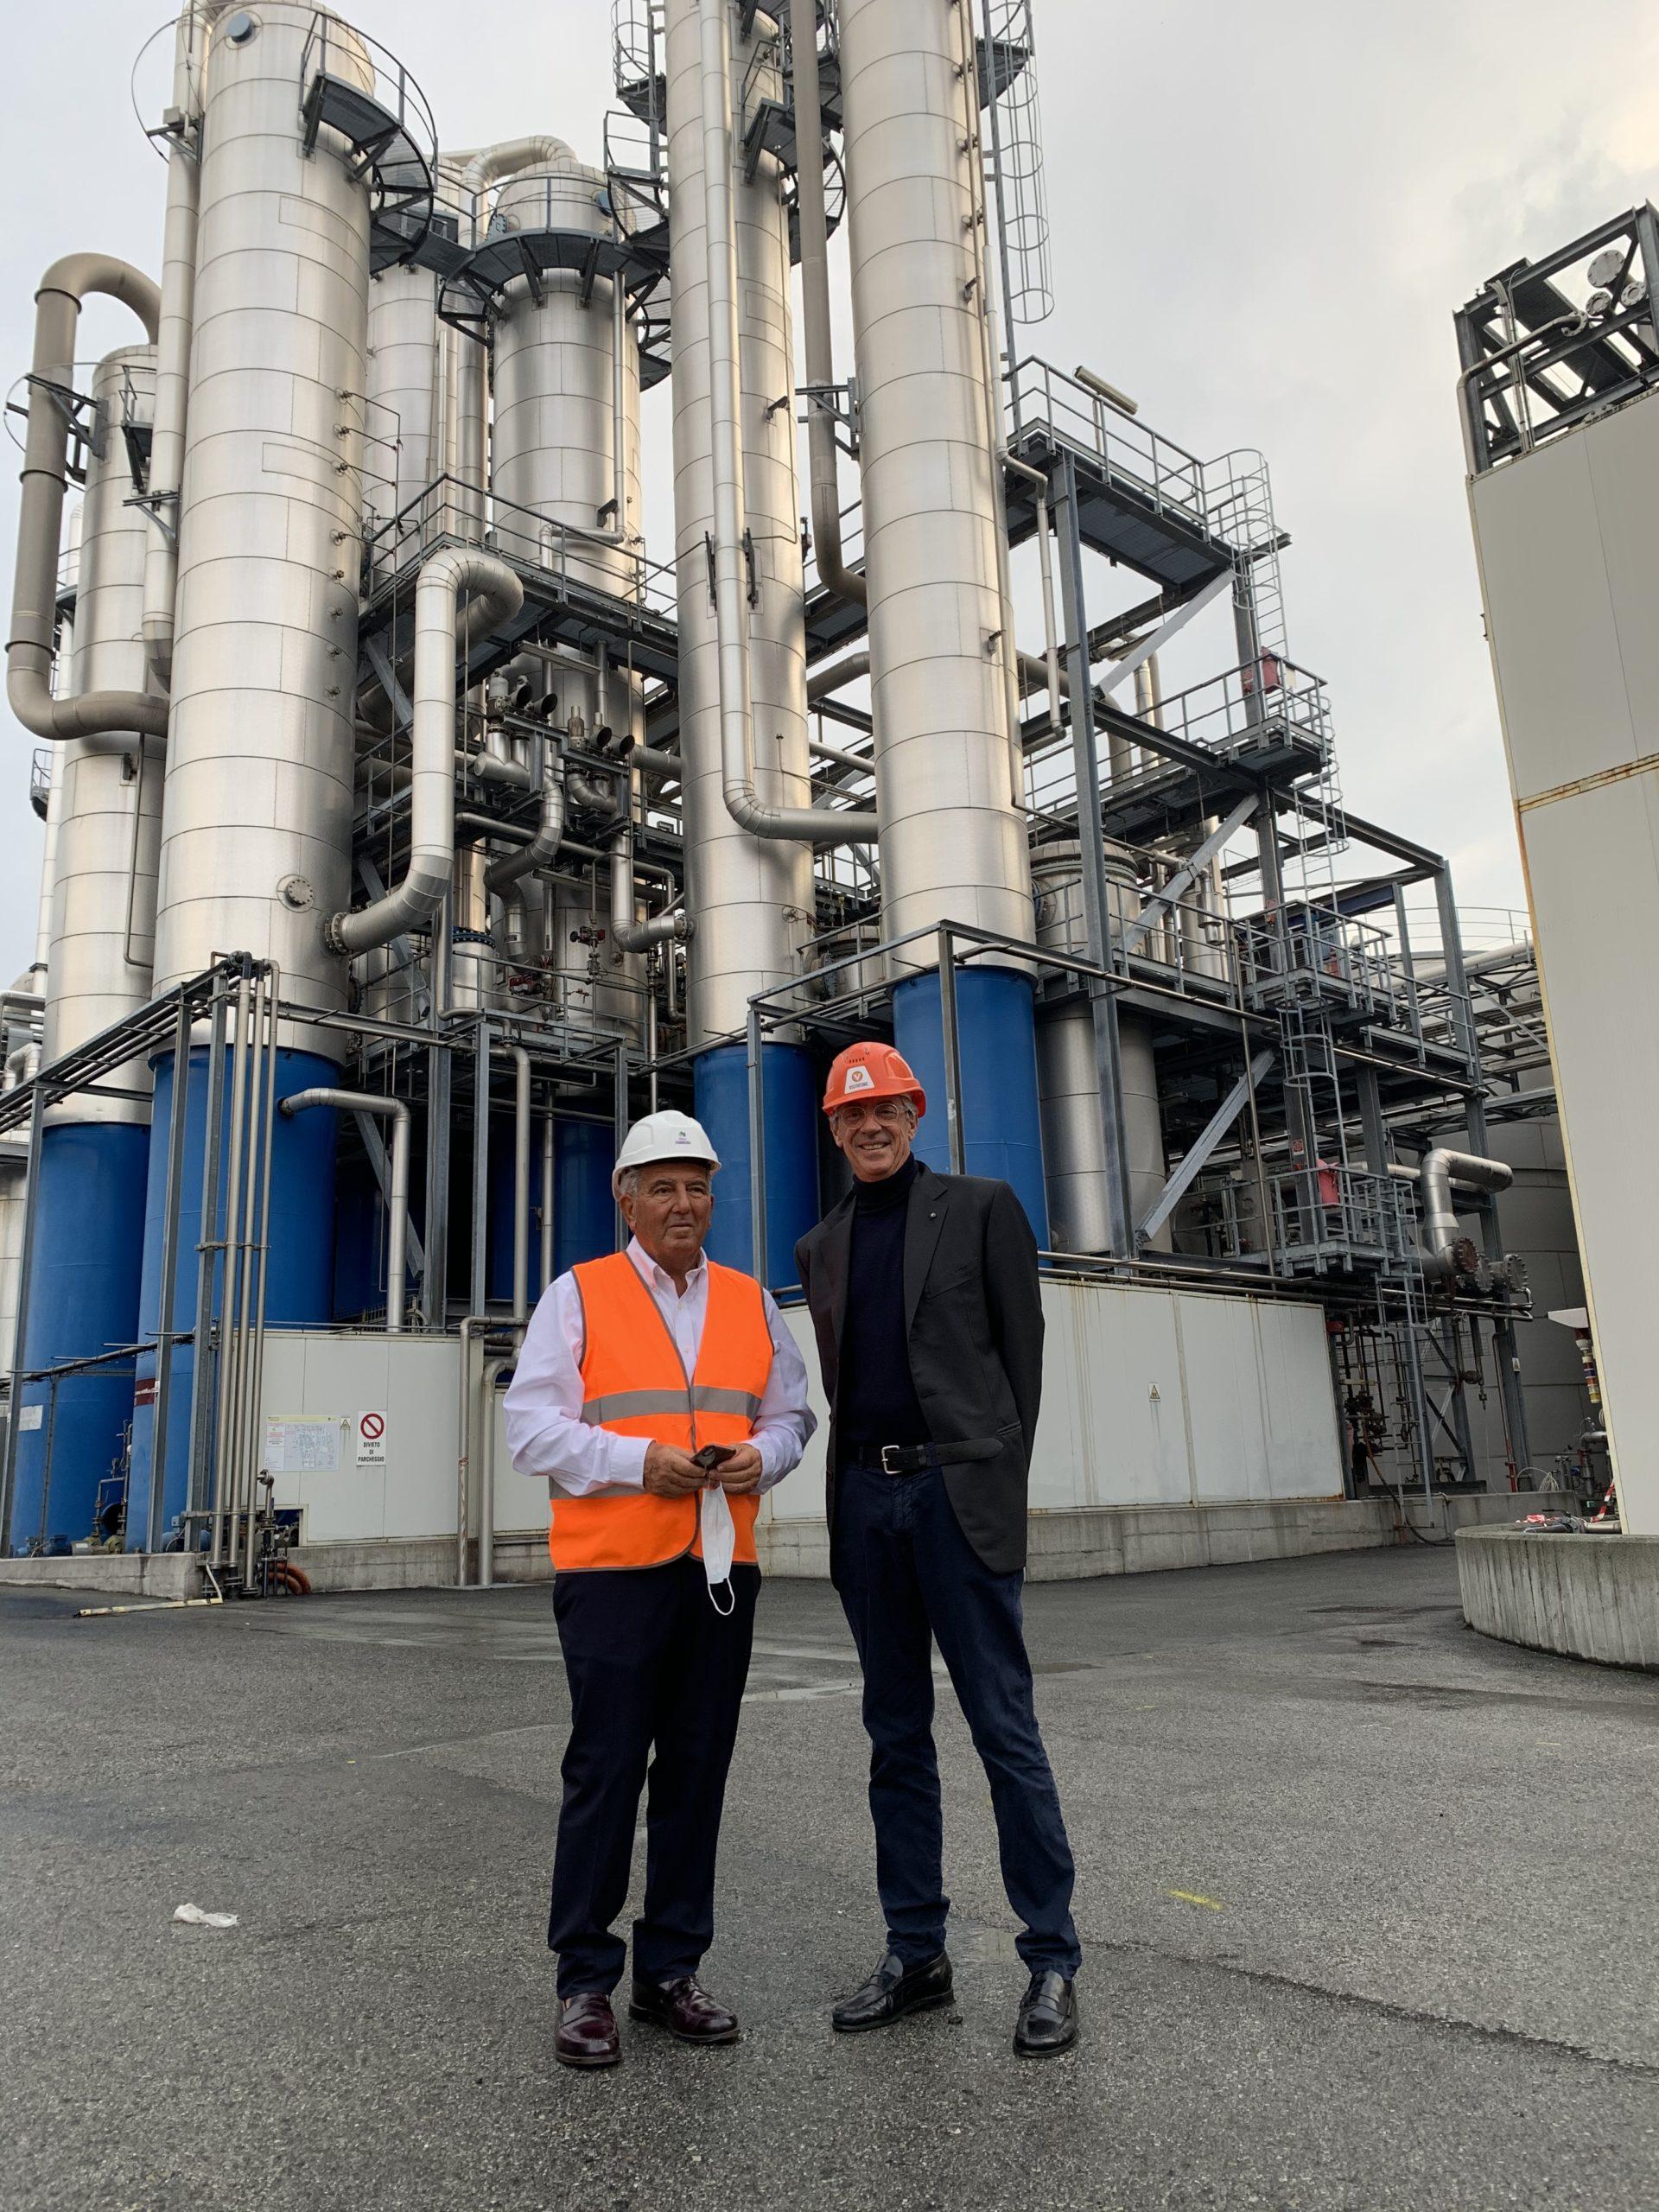 Il neo Cavaliere del Lavoro Mario Frandino e il Presidente del Gruppo Piemontese Marco Boglione presso l'azienda Sedamyl